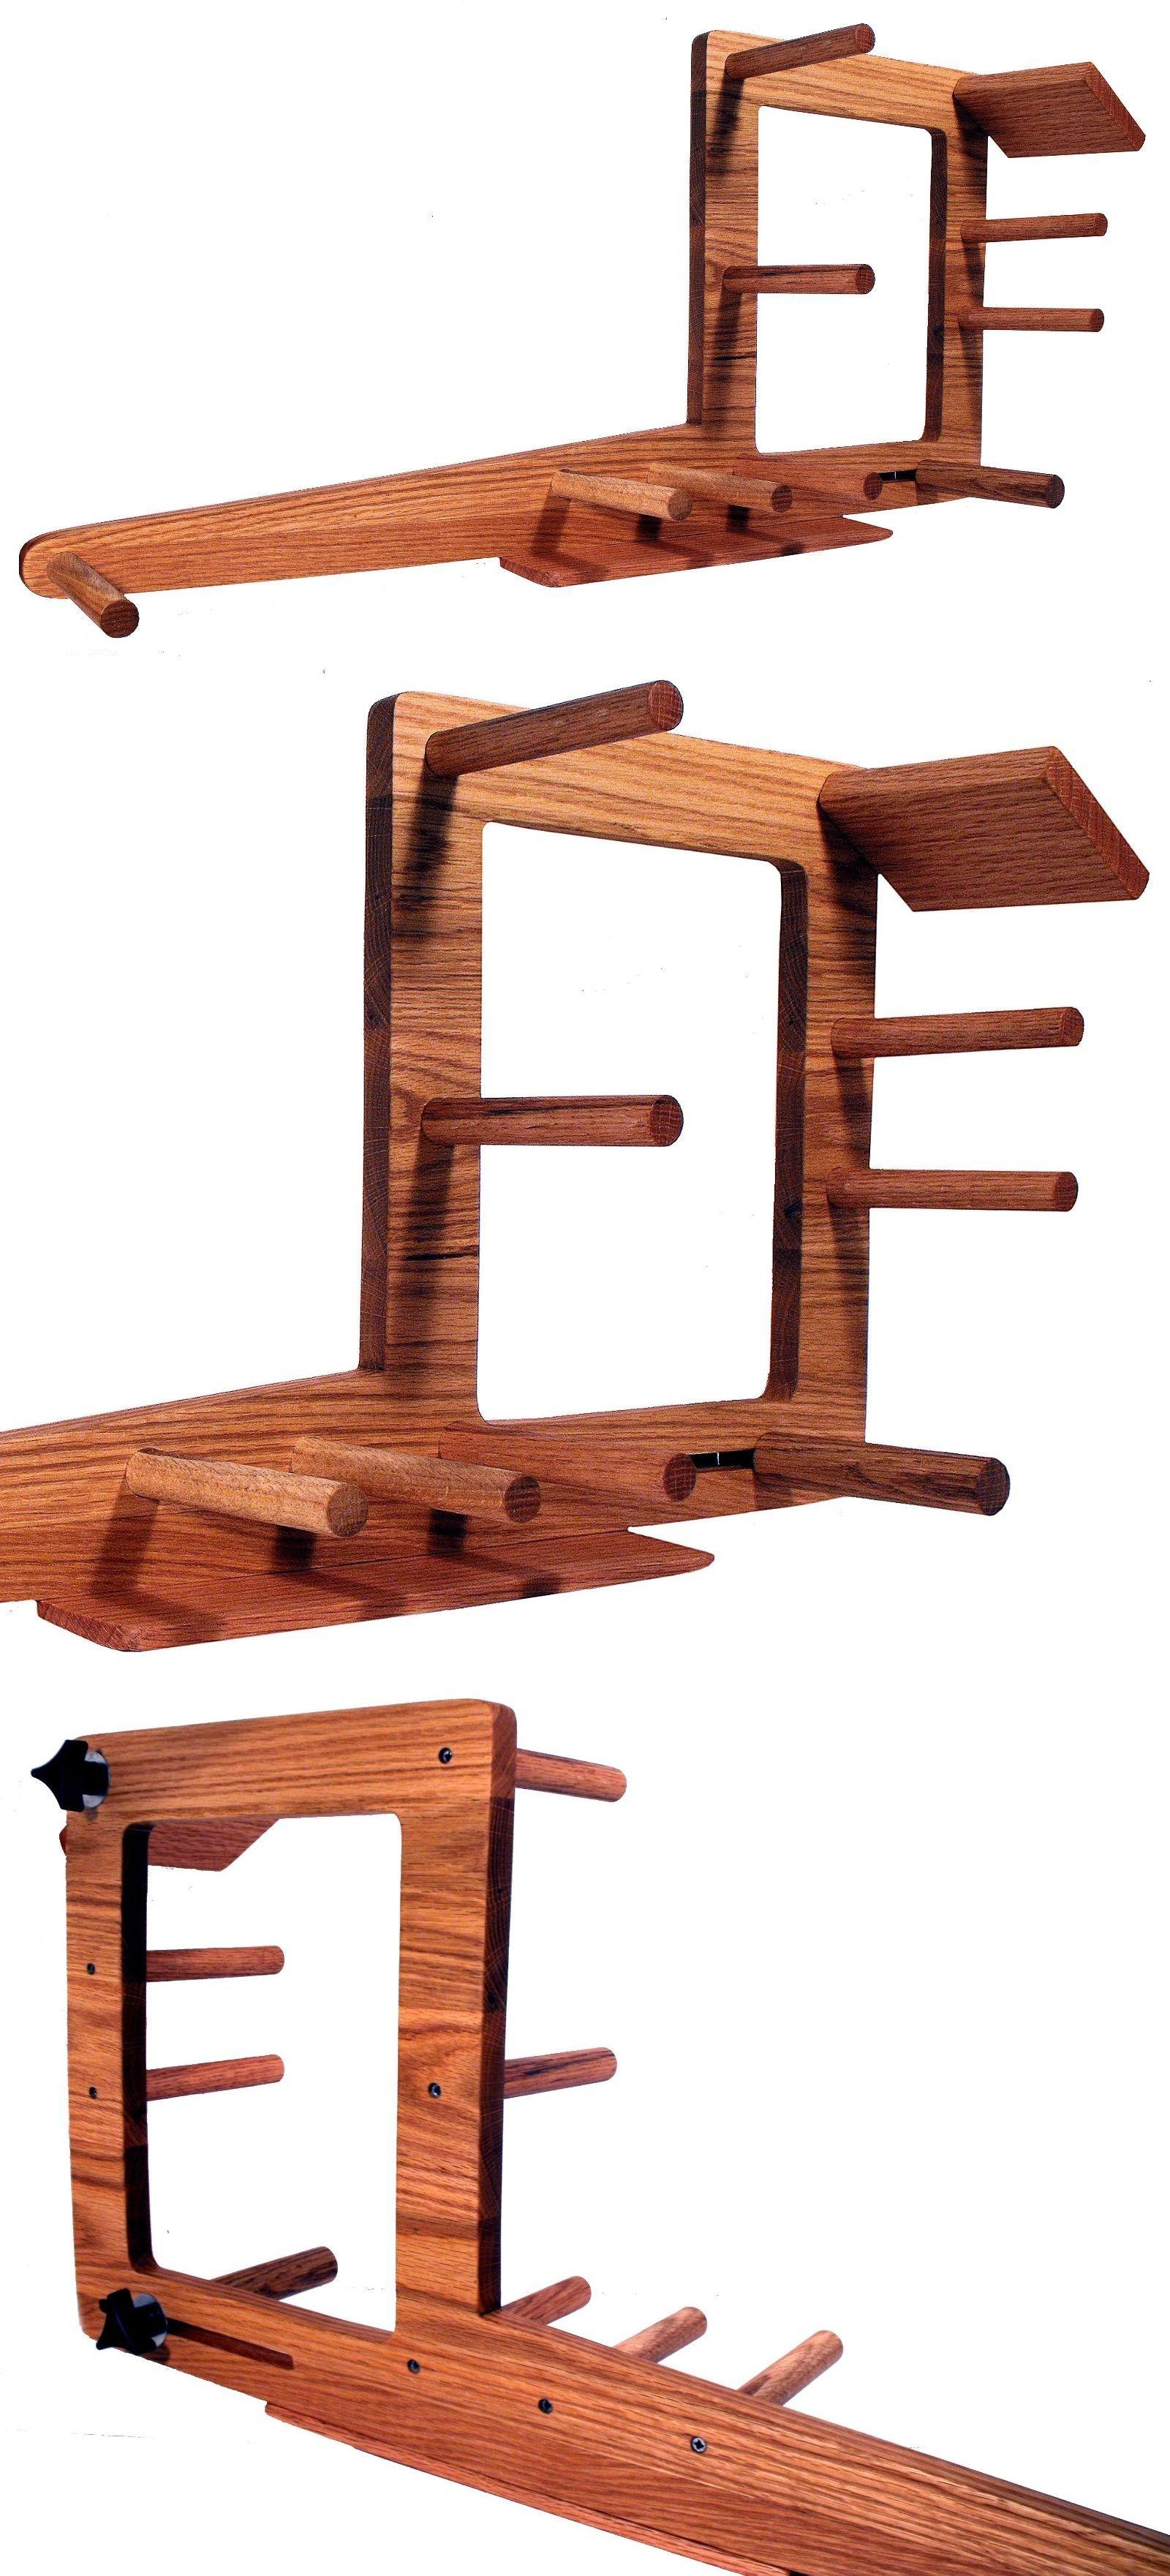 Handcrafted Red Oak Floor Standing Inkle Loom Tablet Weaving Card Weaving Loom